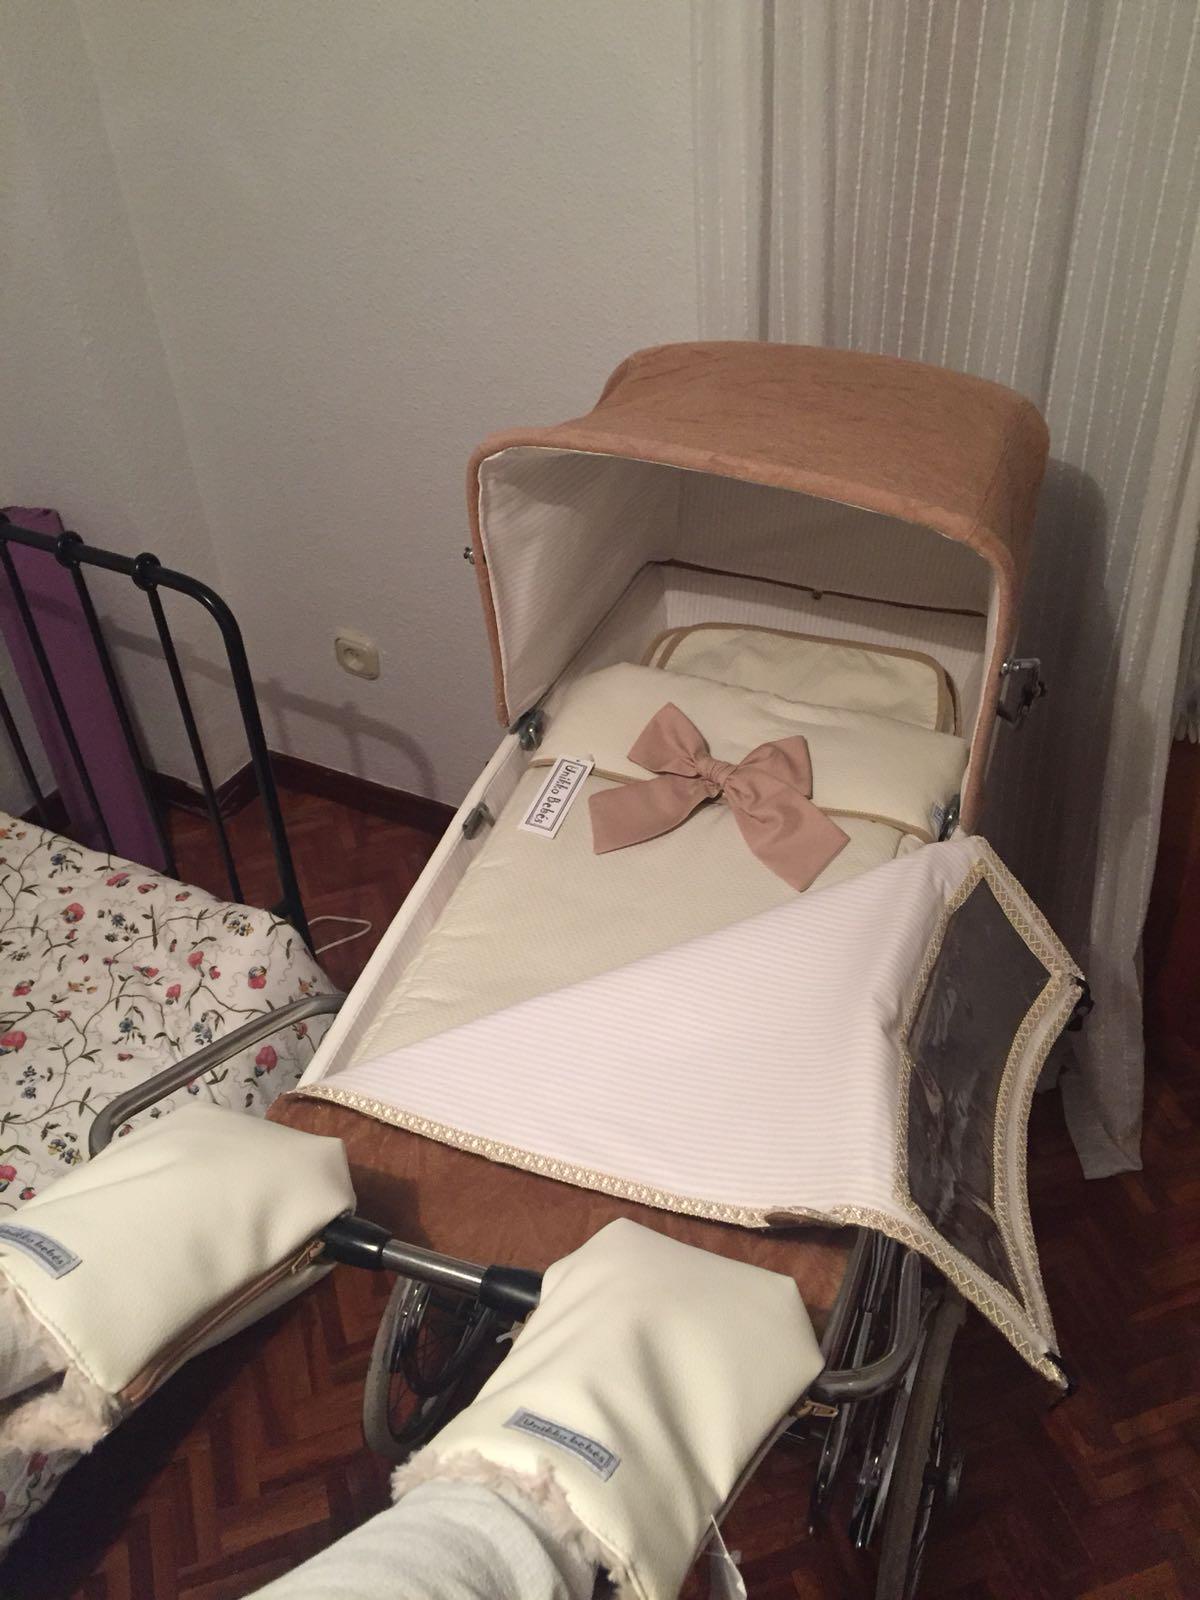 44ddf1eb4098 Un conjunto muy sencillo pero perfecto para una silla que llama tanto la  atención...🎀